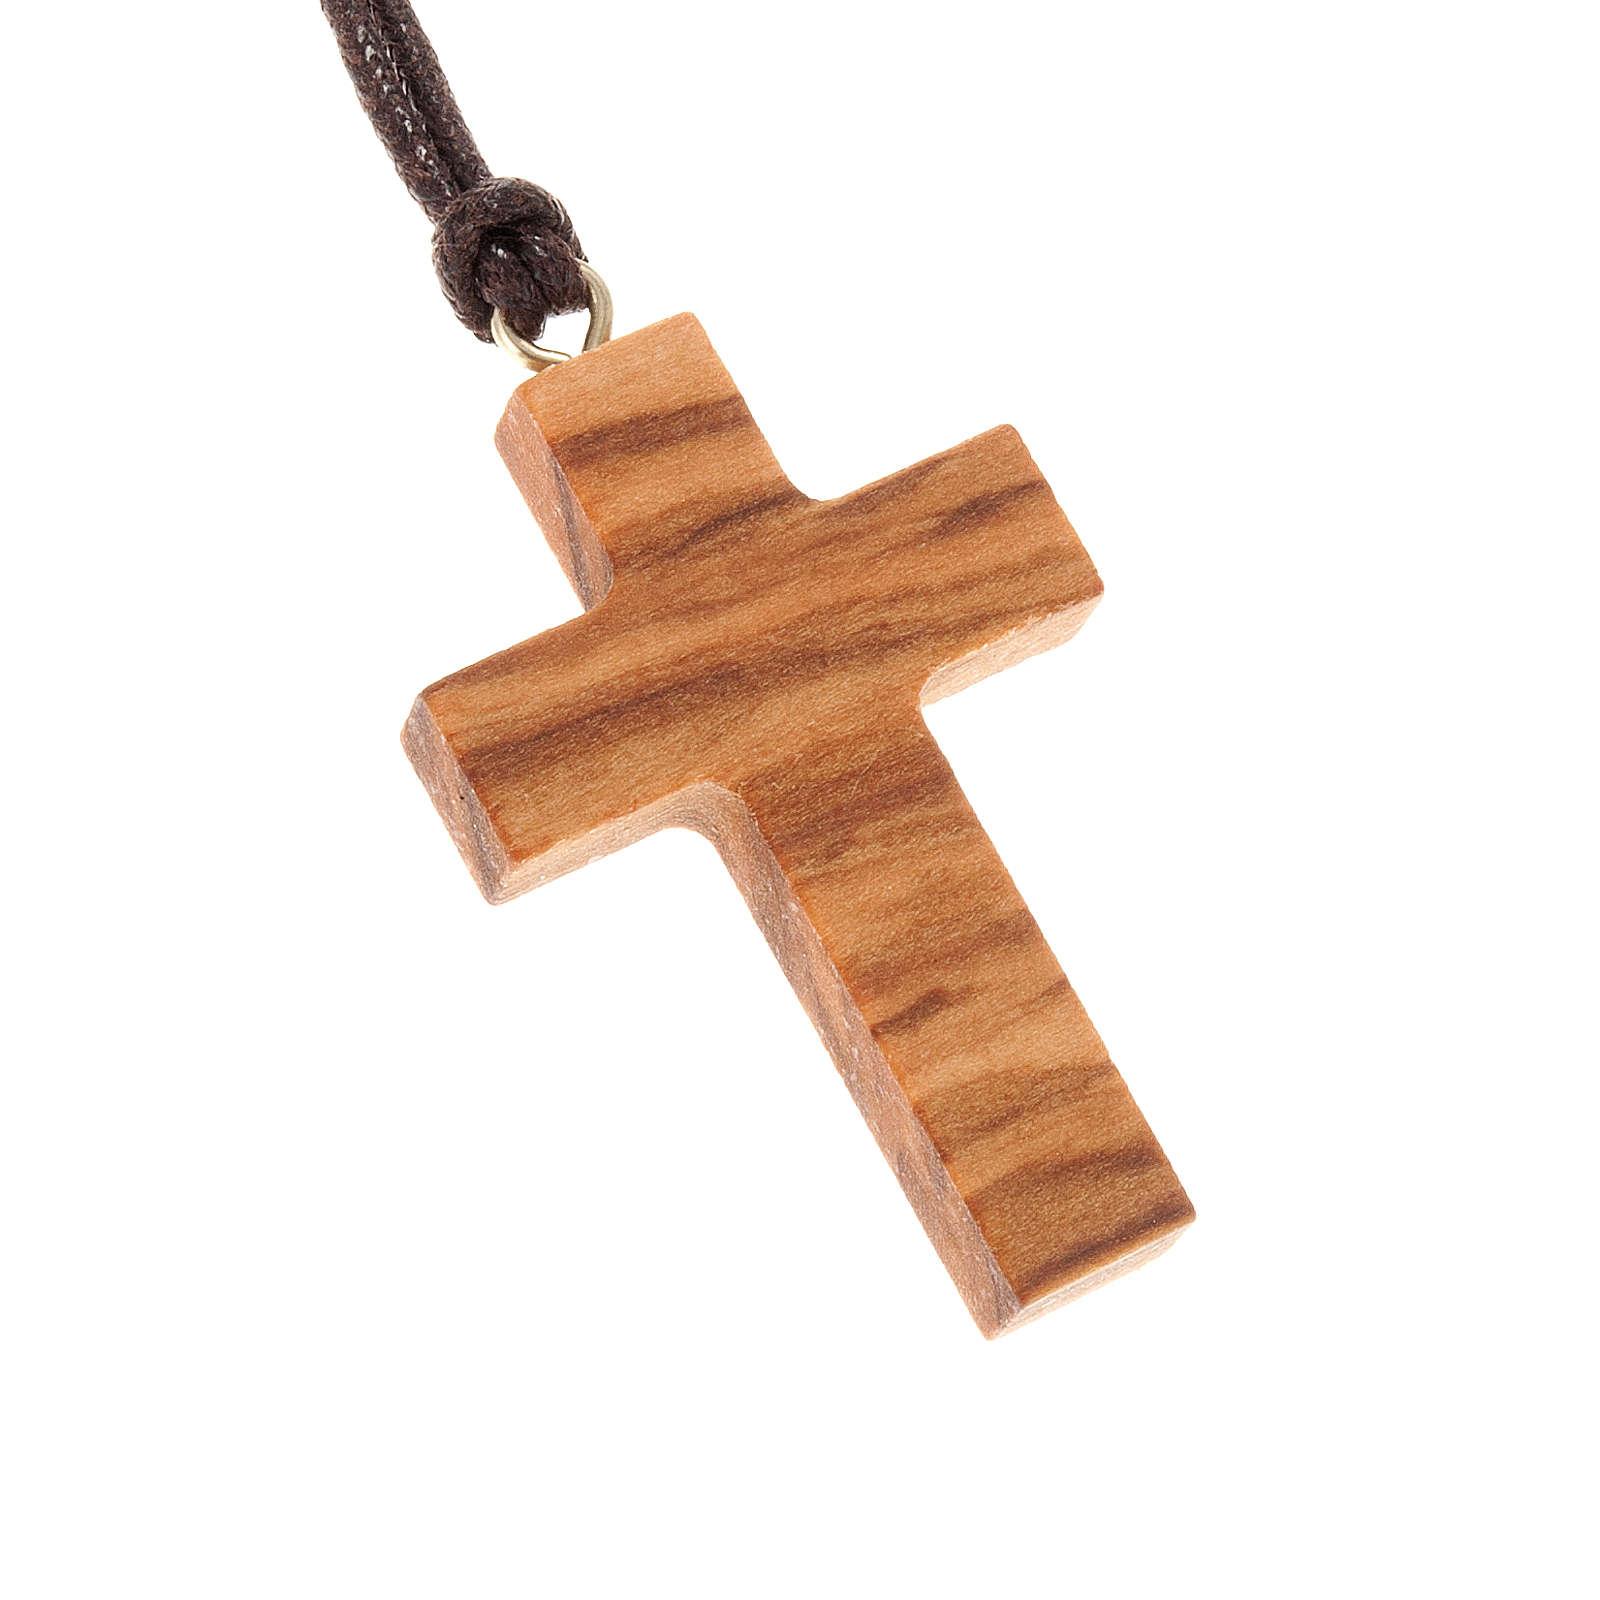 Krzyż klasyczny drewno oliwkowe 4